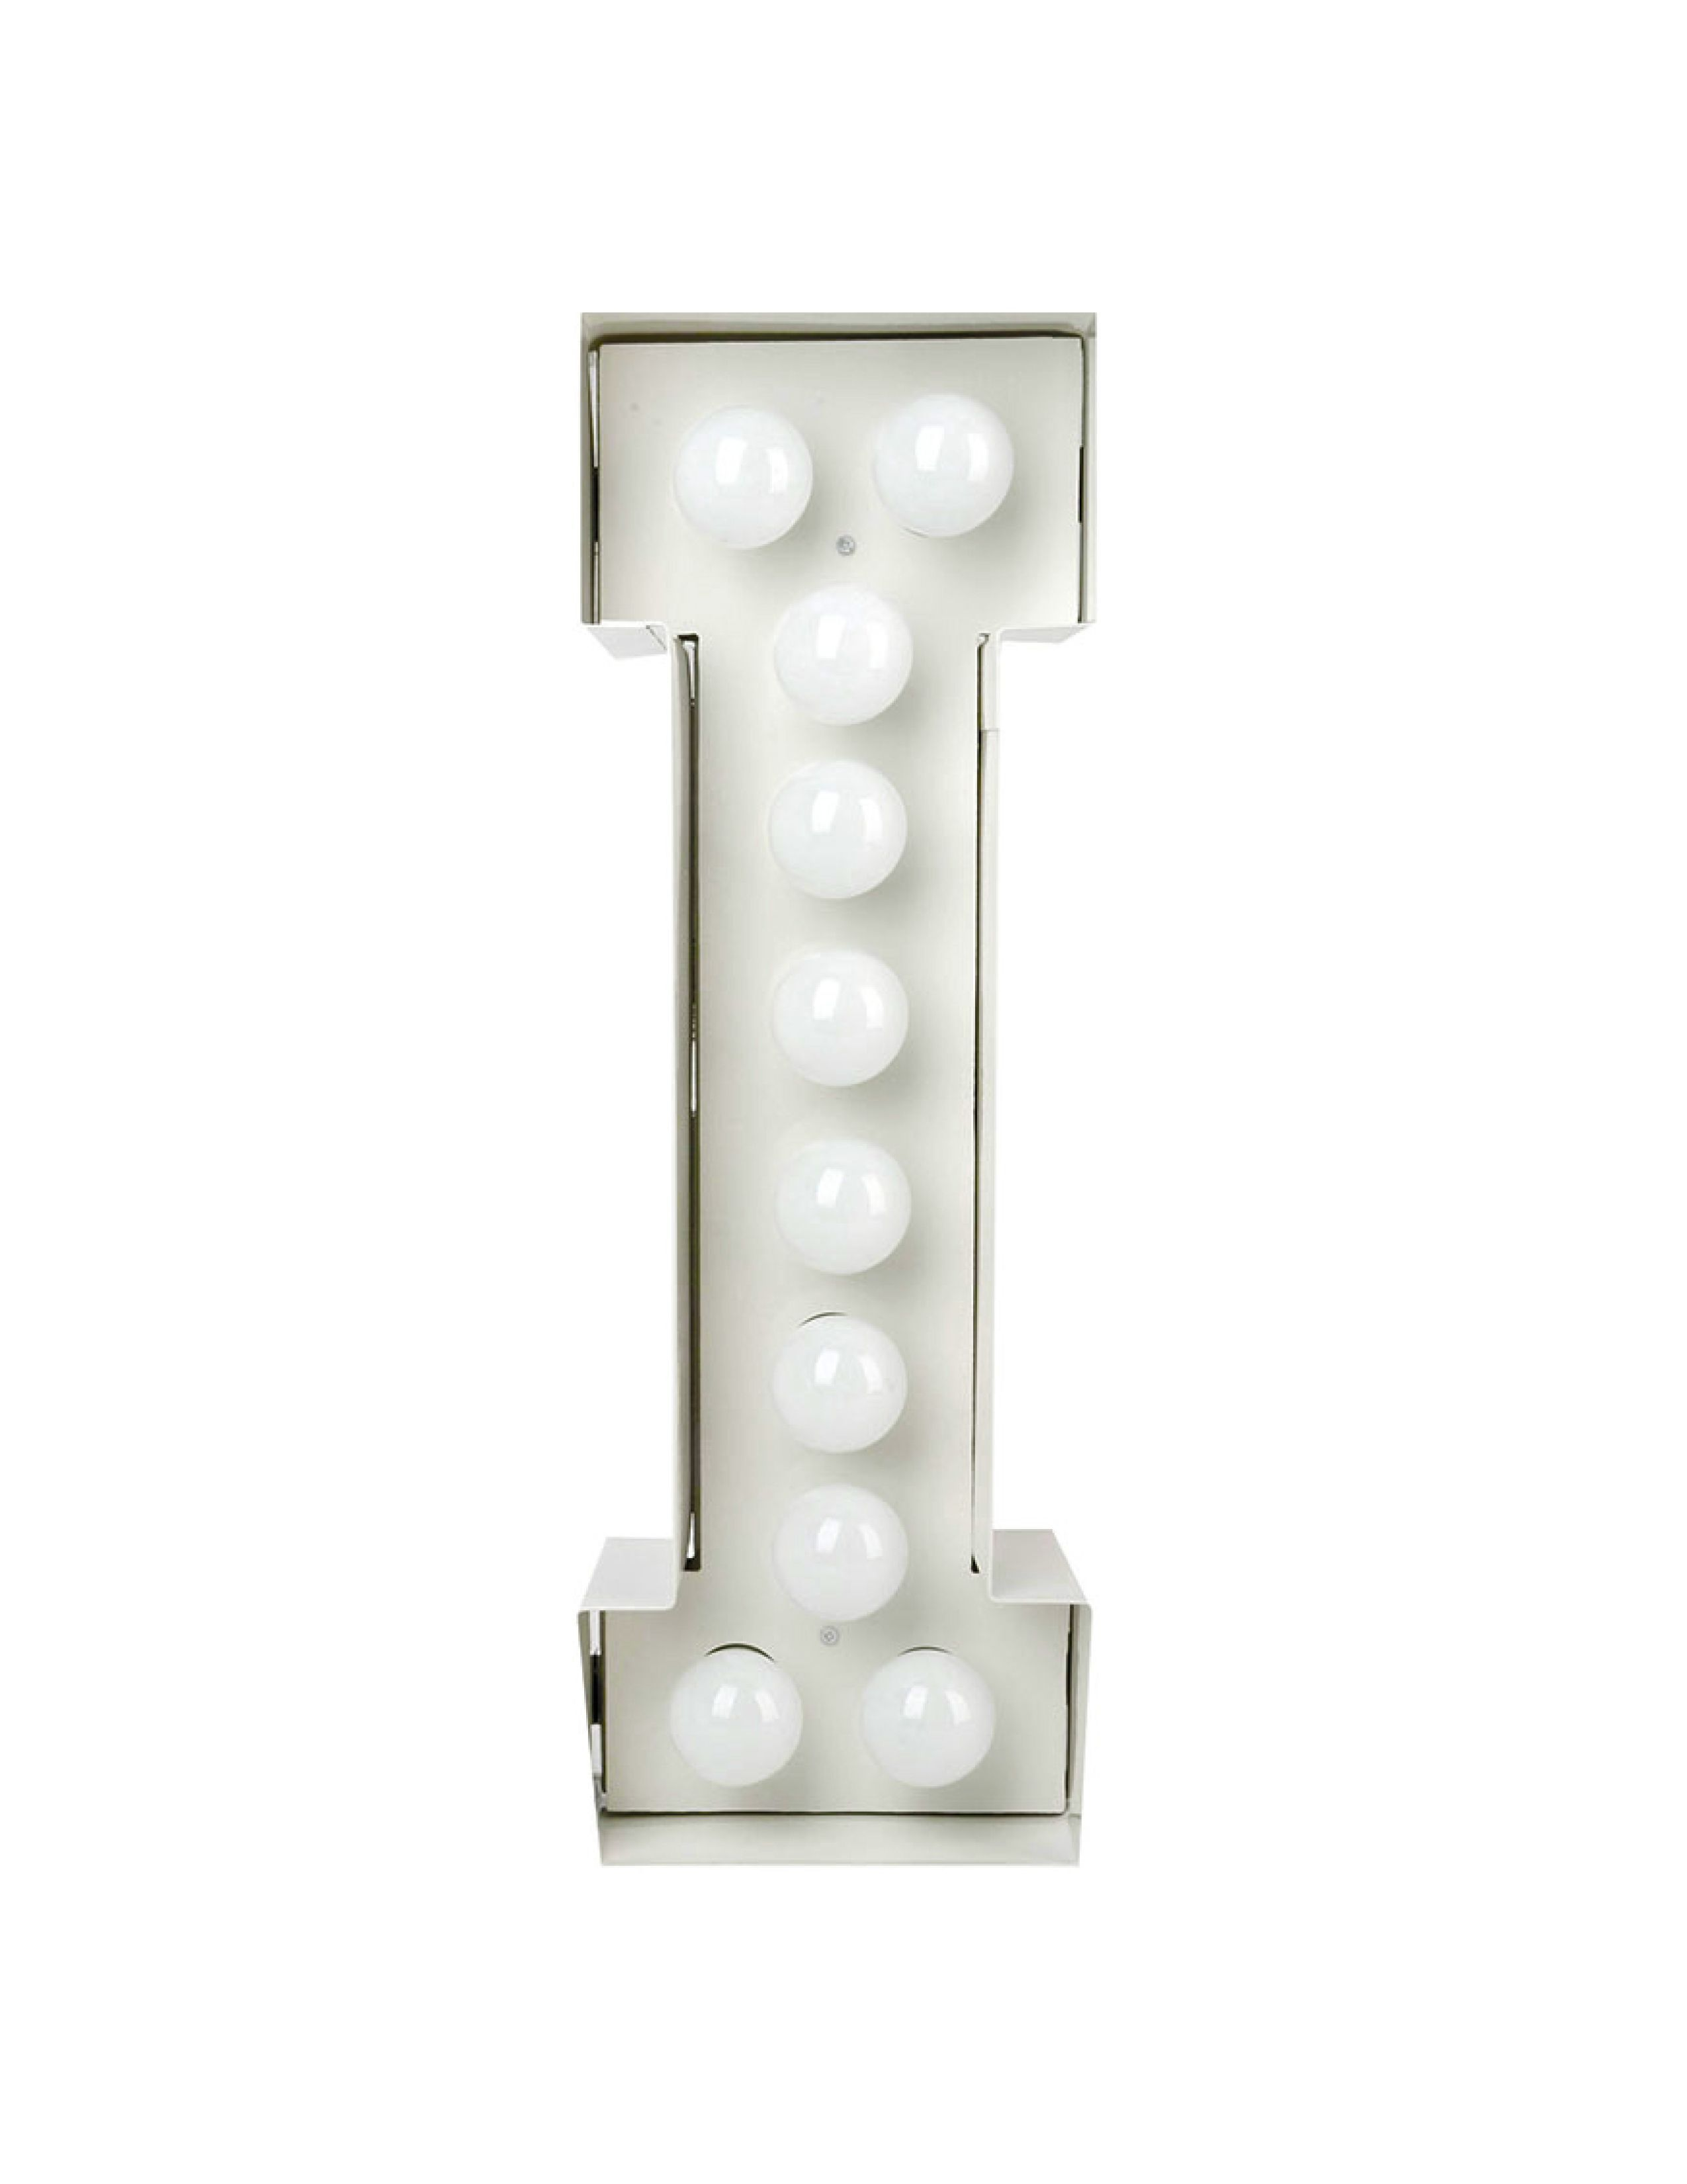 Seletti VEGAZ LED verlichting I